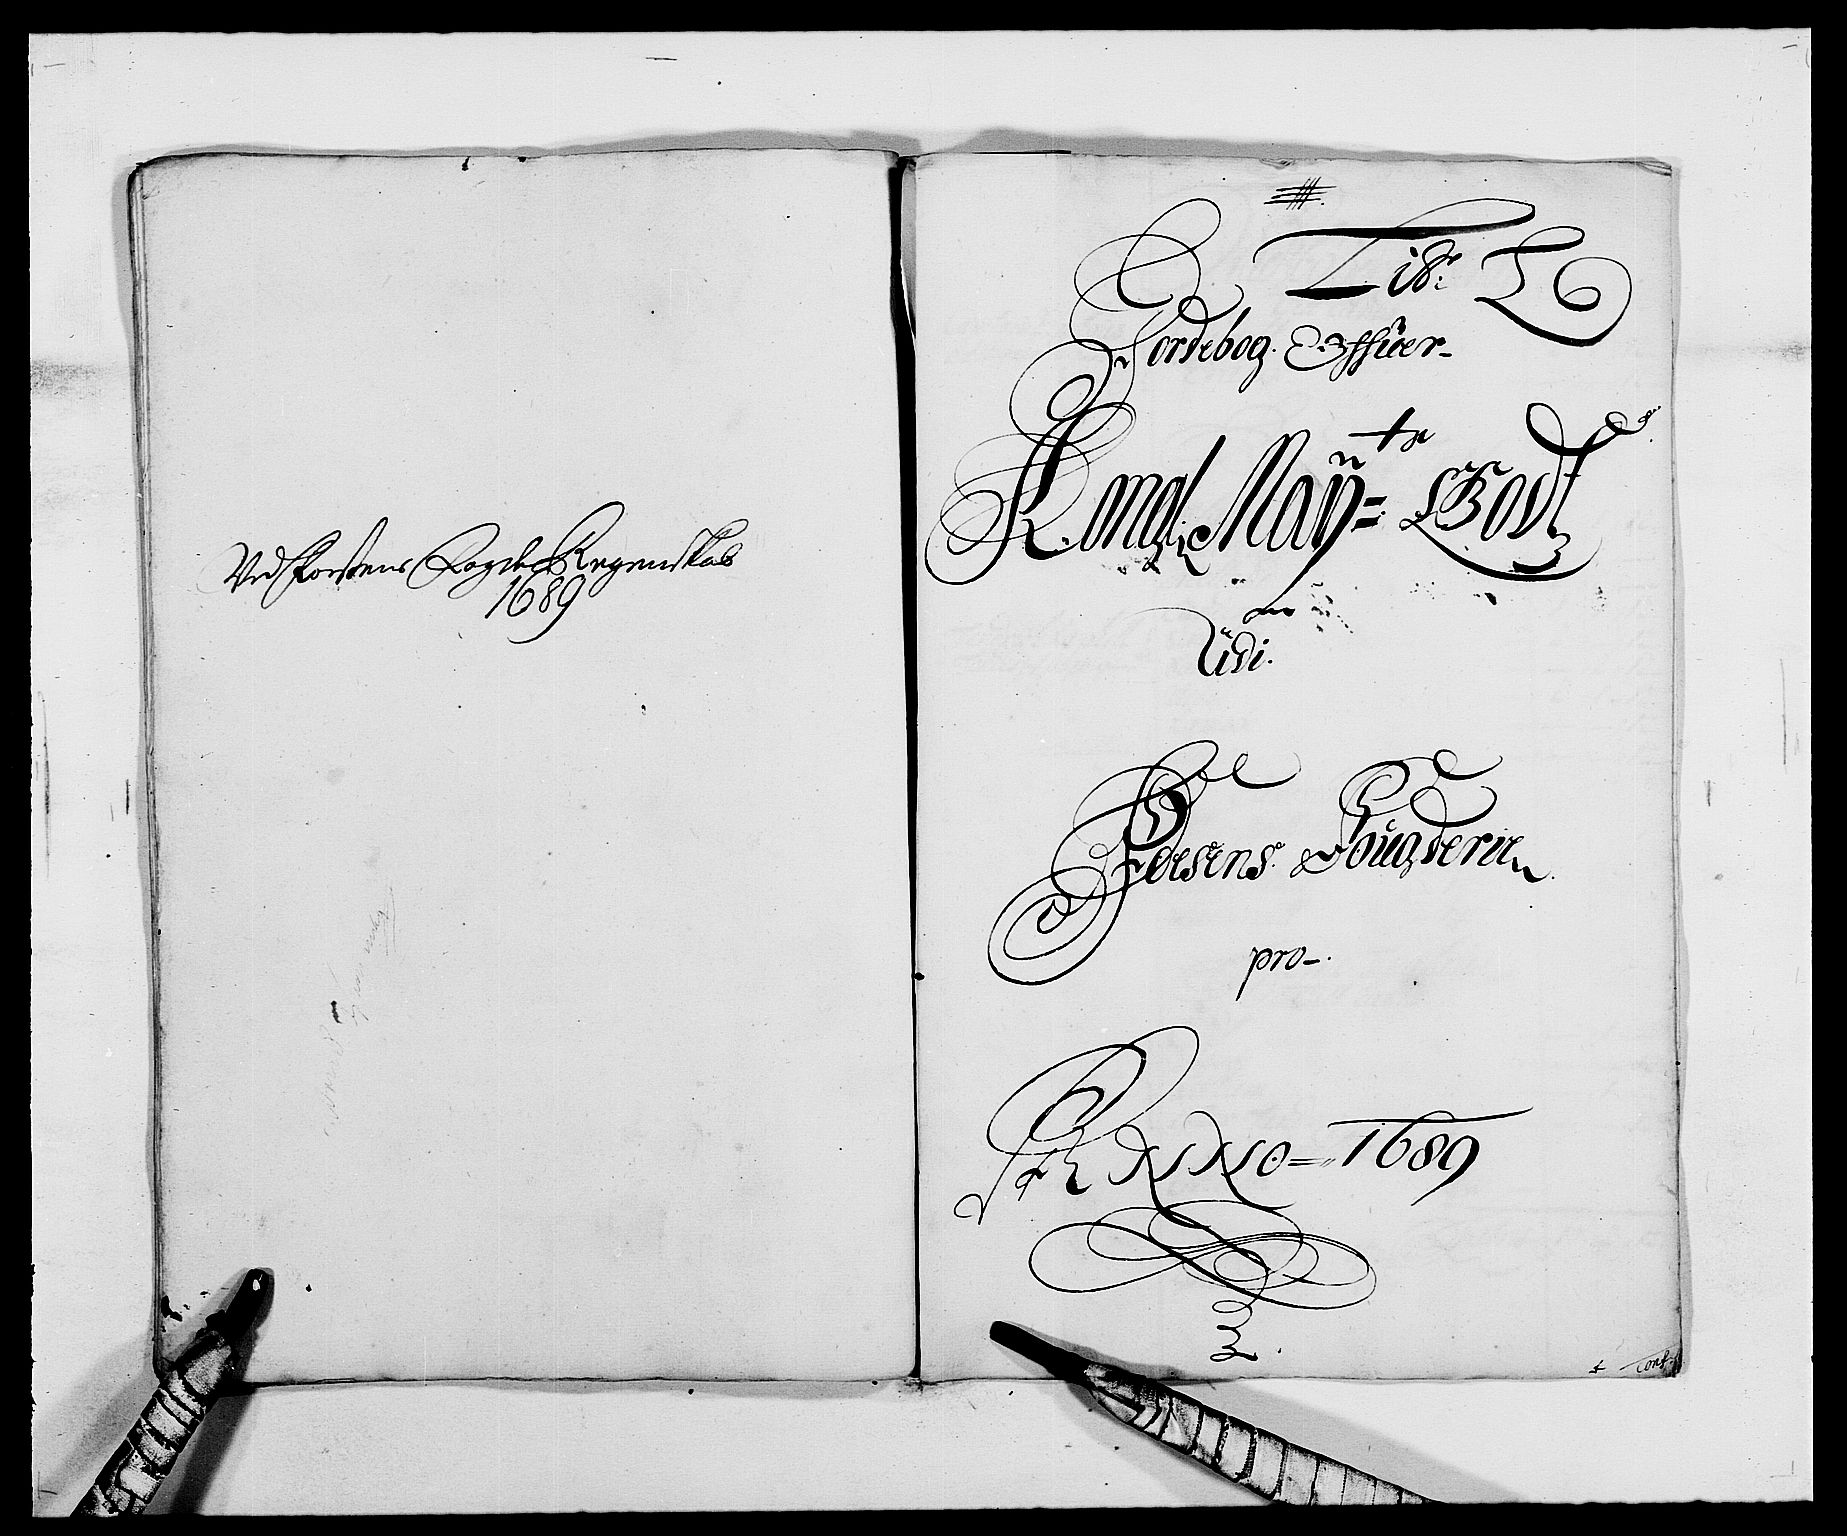 RA, Rentekammeret inntil 1814, Reviderte regnskaper, Fogderegnskap, R57/L3847: Fogderegnskap Fosen, 1689, s. 95